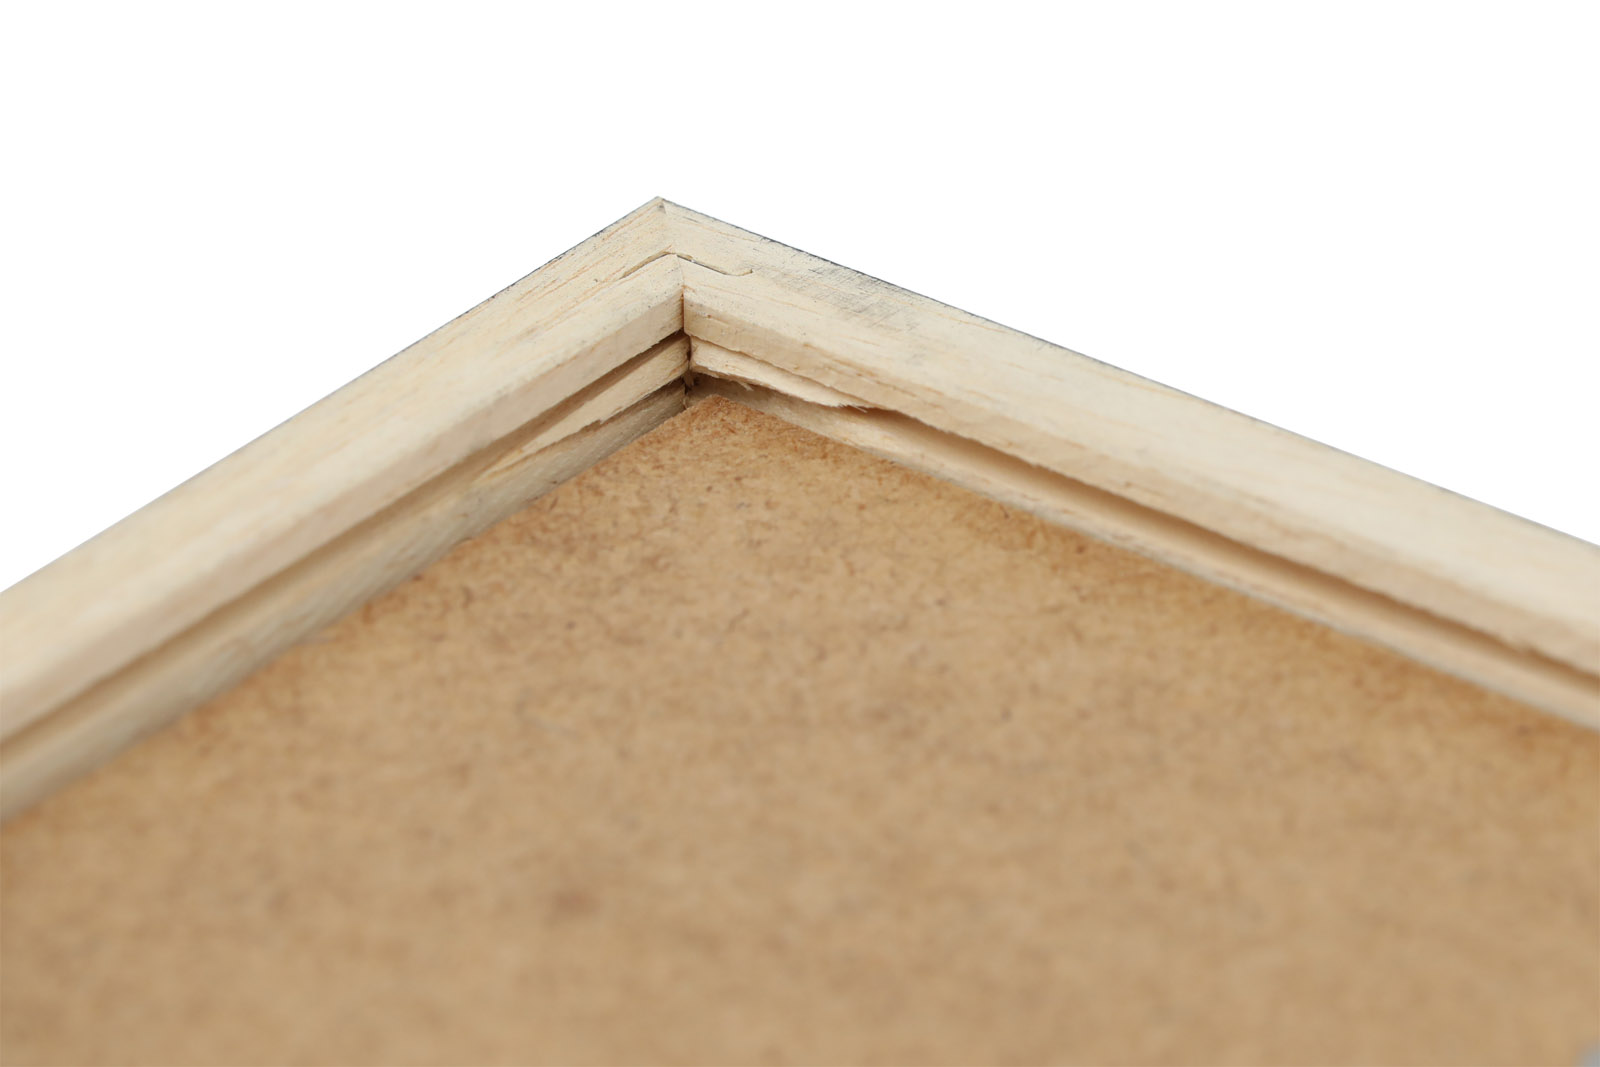 CHLOROS 天然木製のポスターフレーム/額縁 ブラック 30×40cm